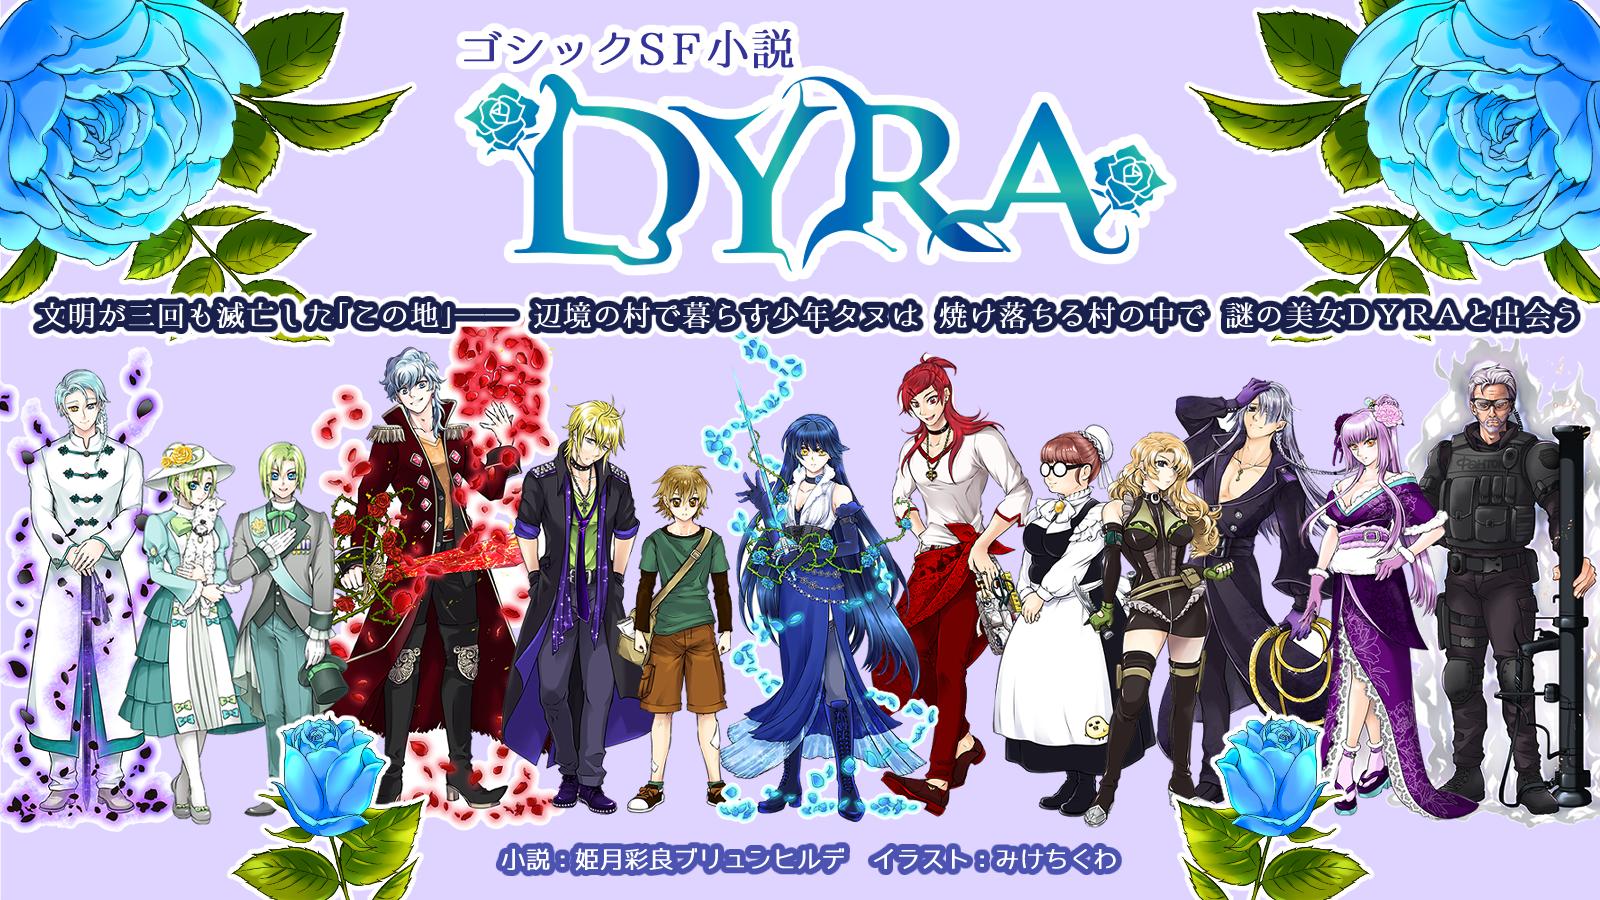 DYRA紹介画像